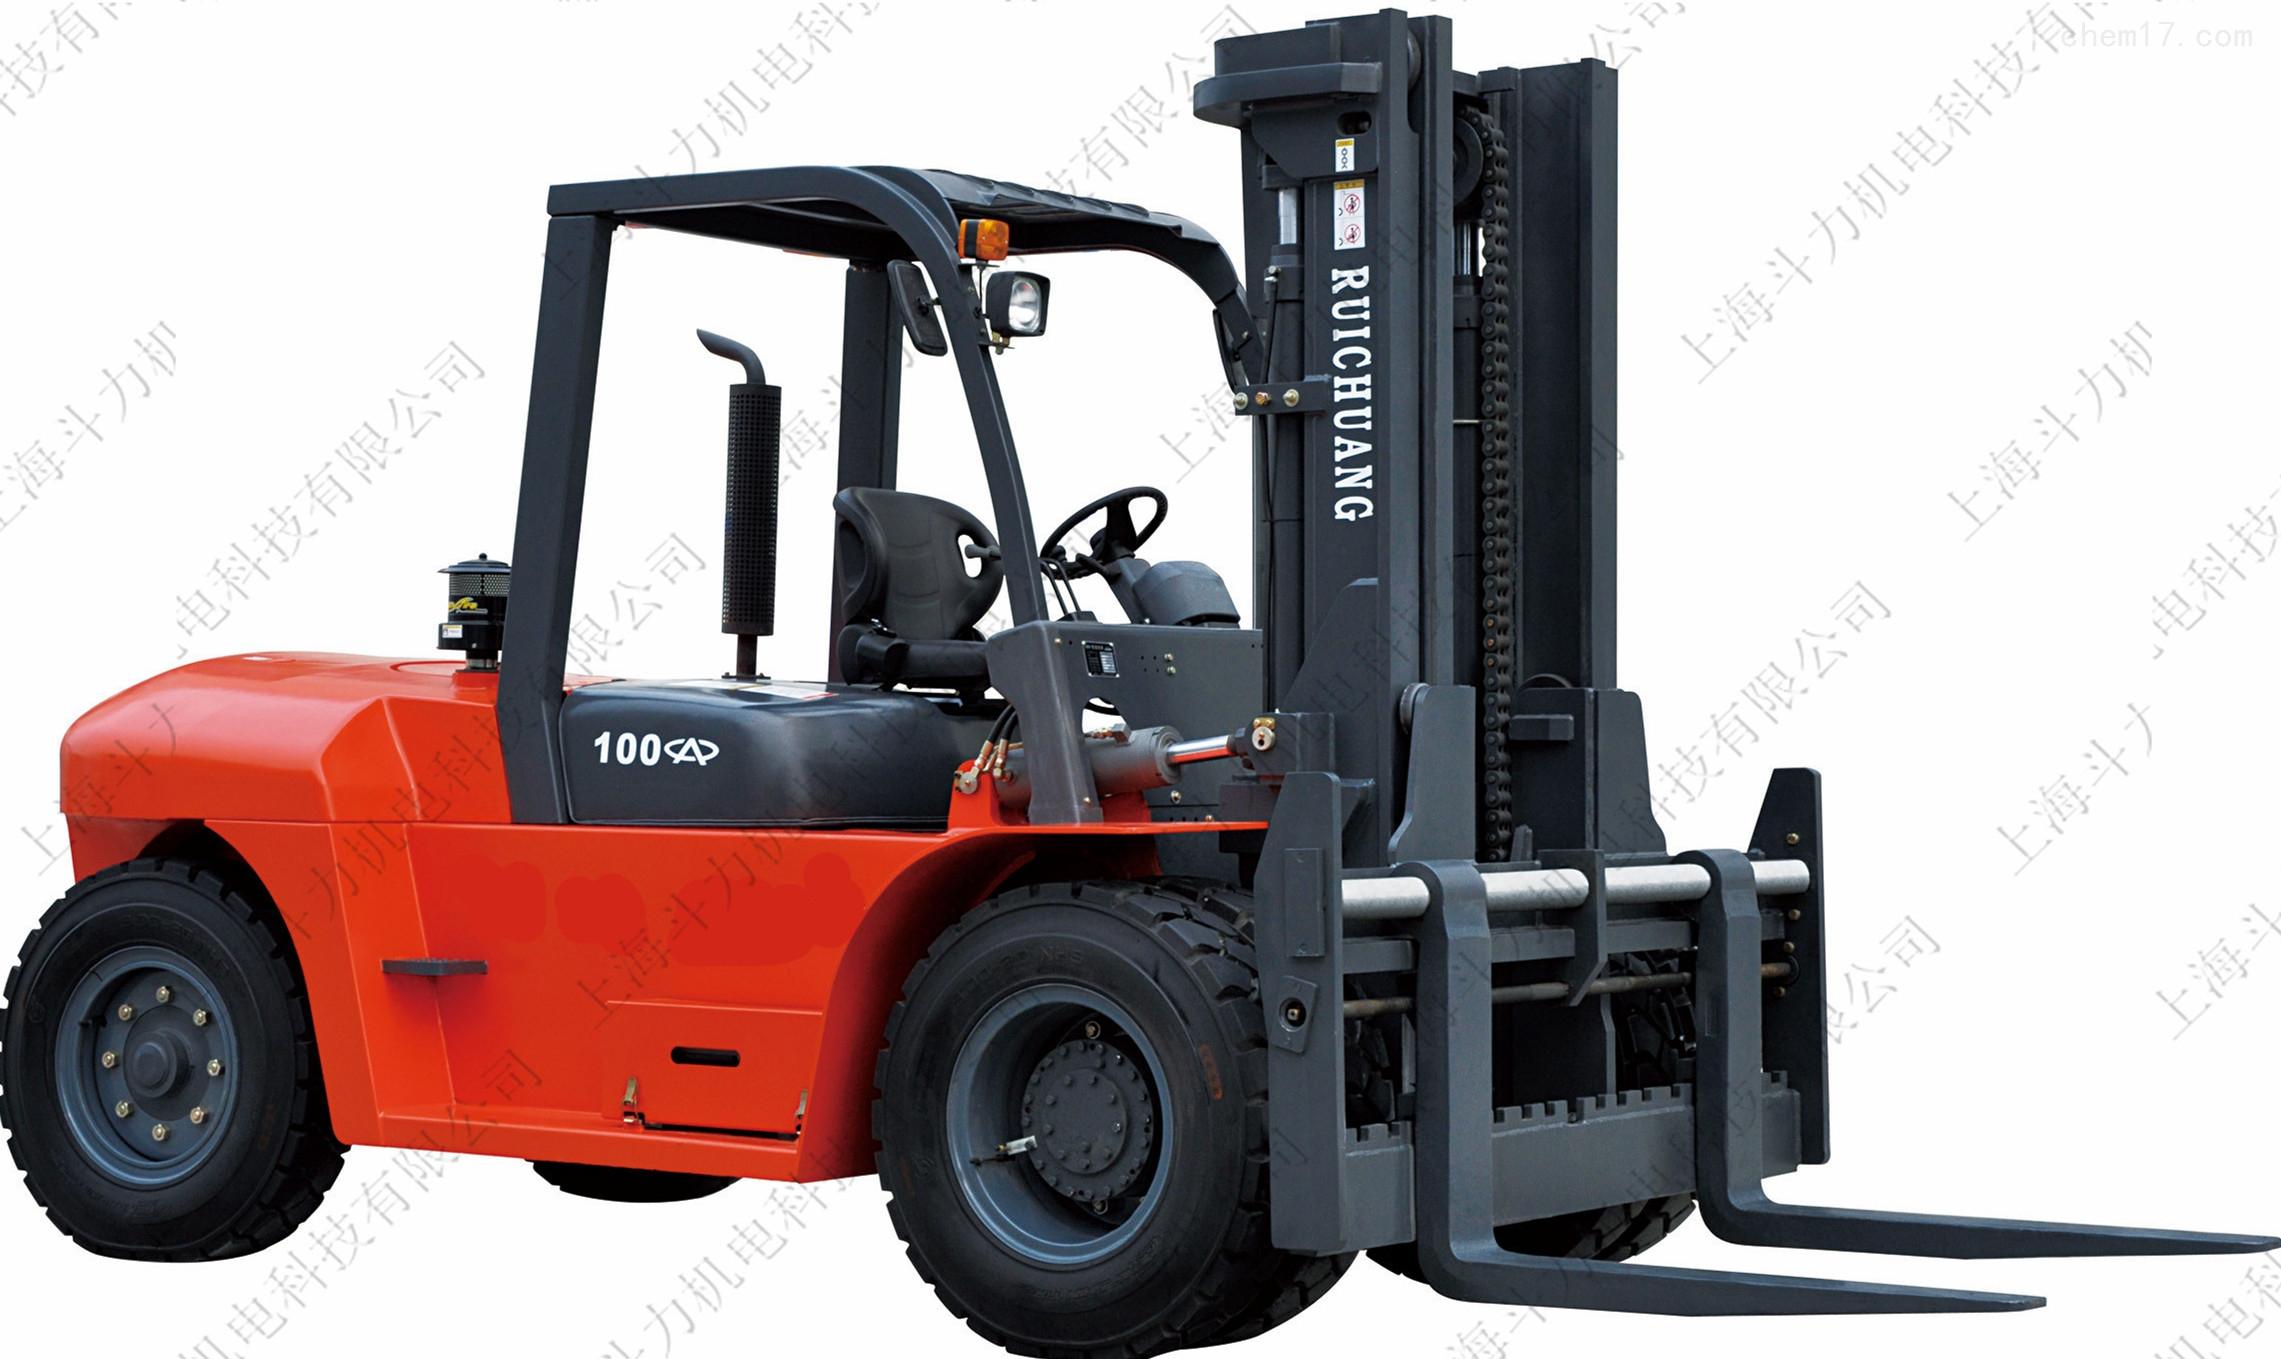 燃油叉车自动称重系统